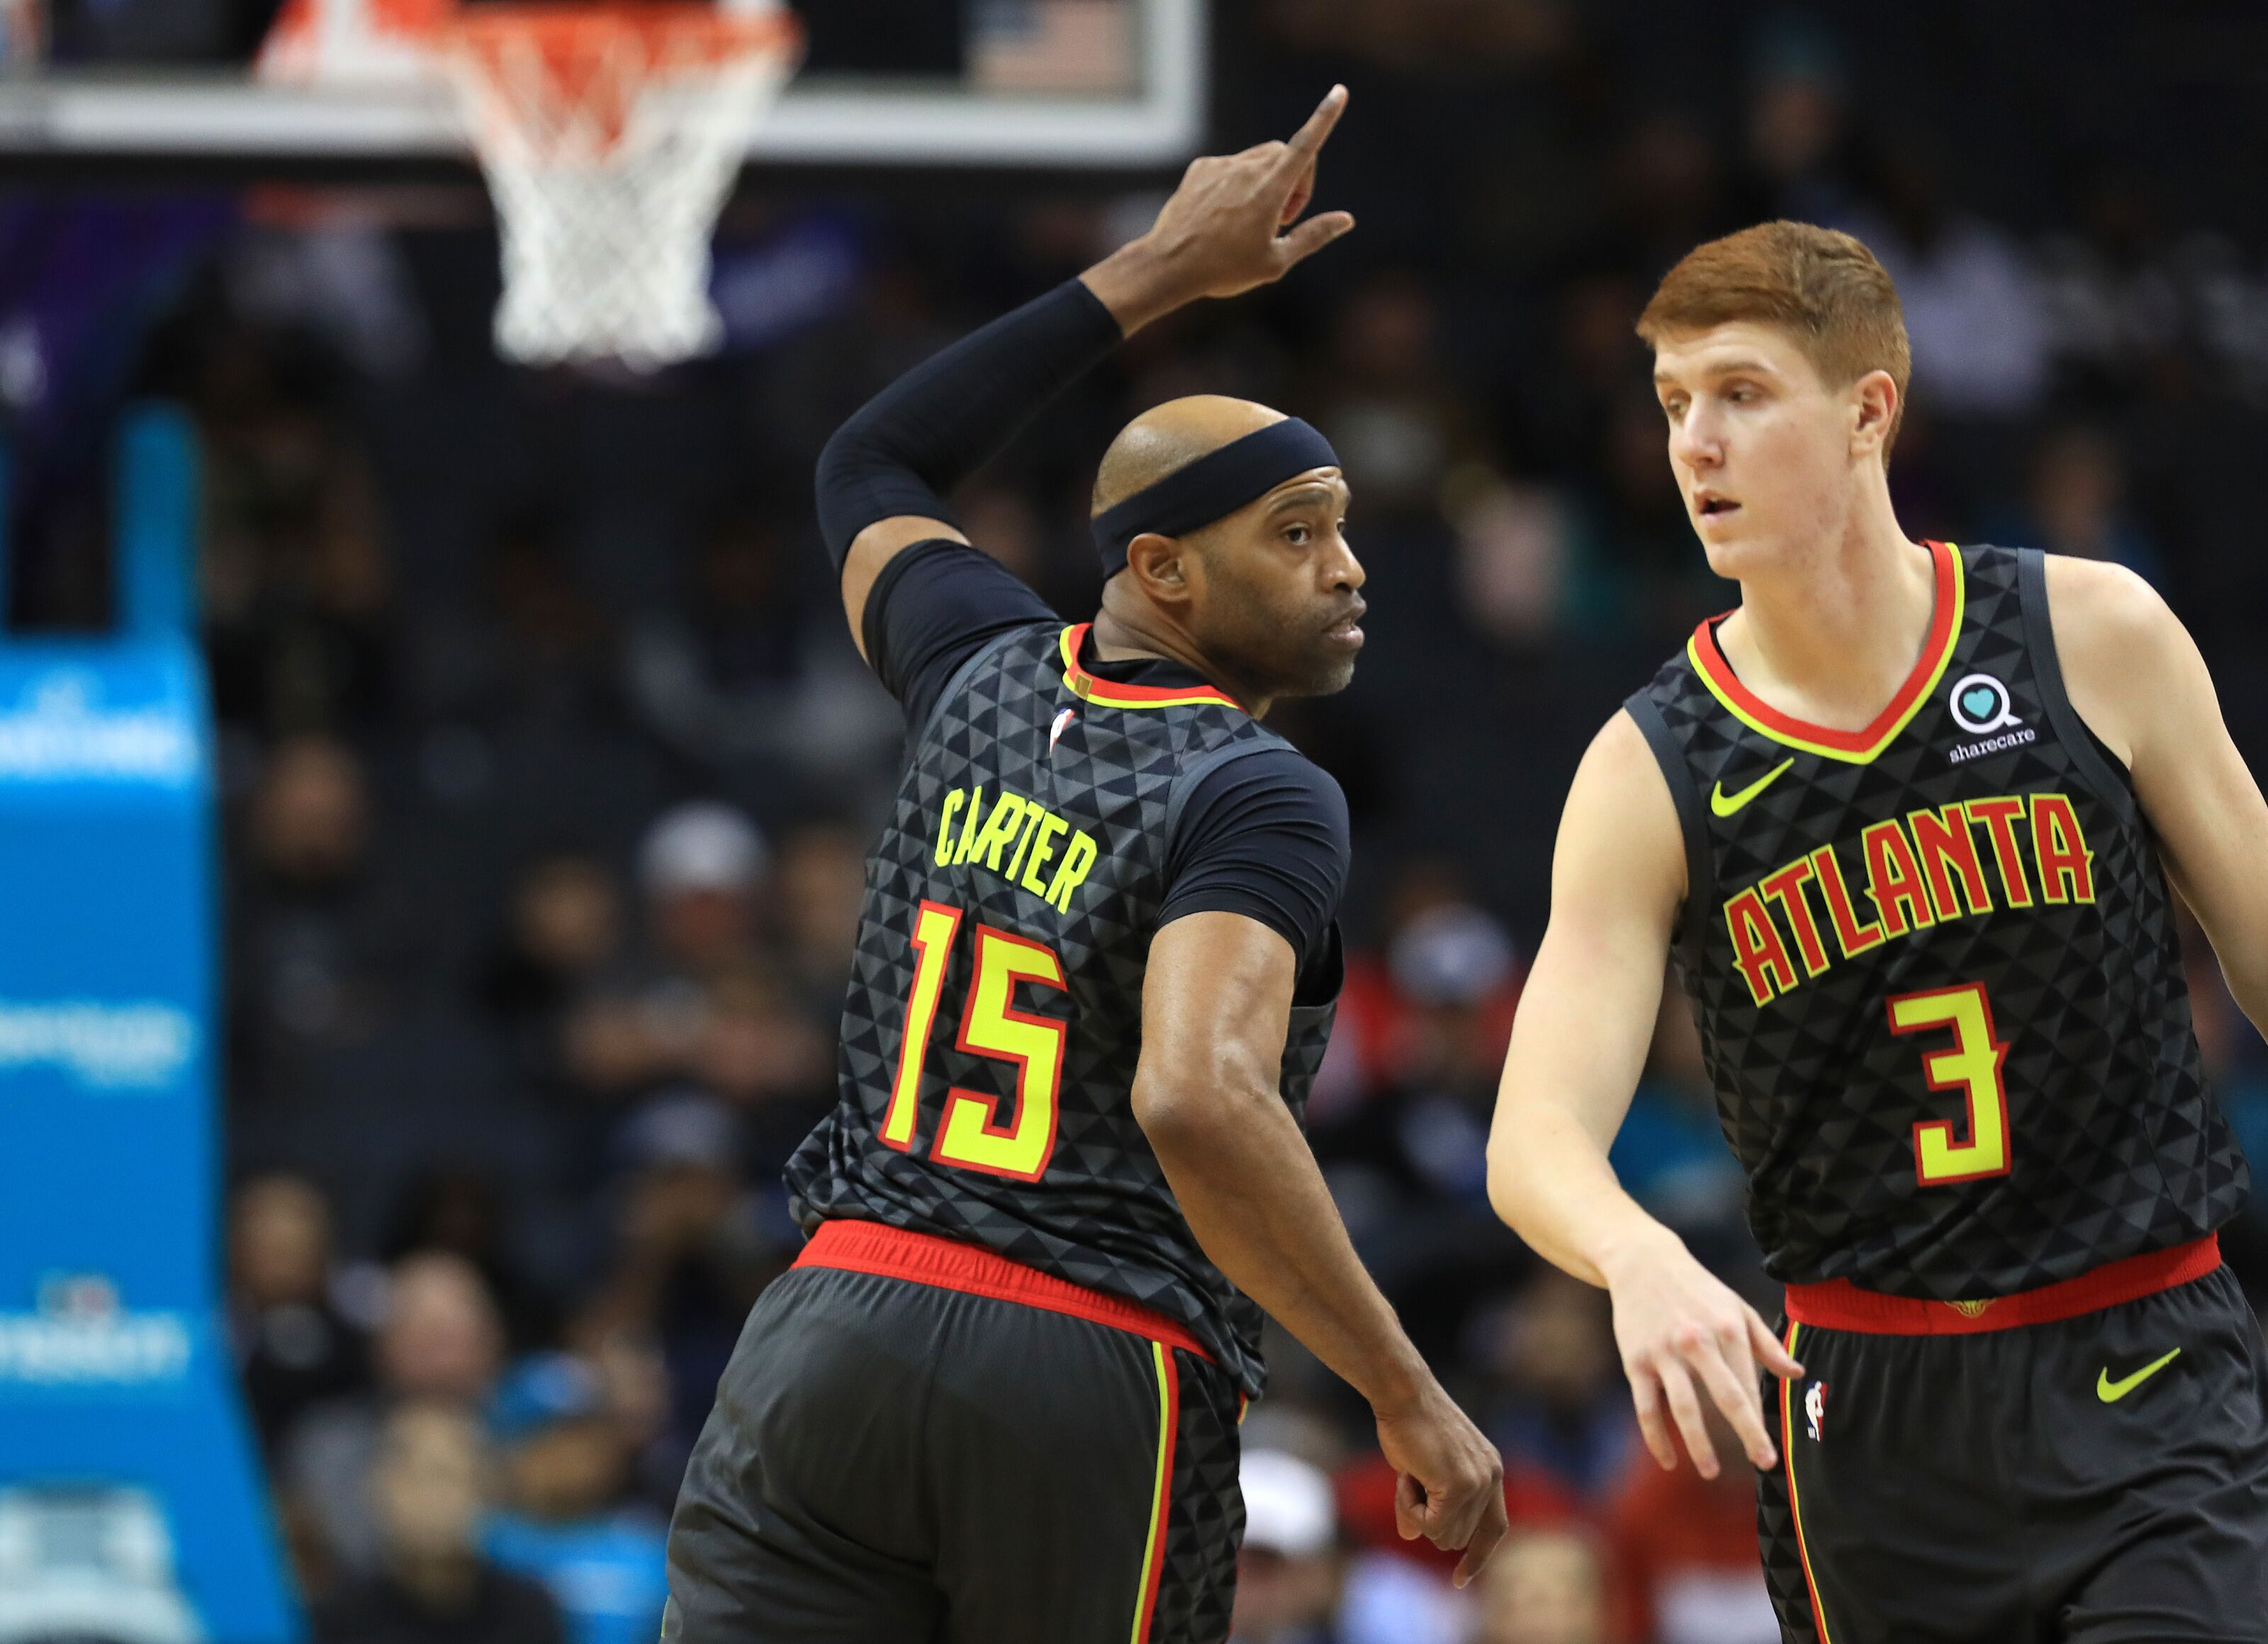 UNC Basketball: Vince Carter reaches NBA milestone